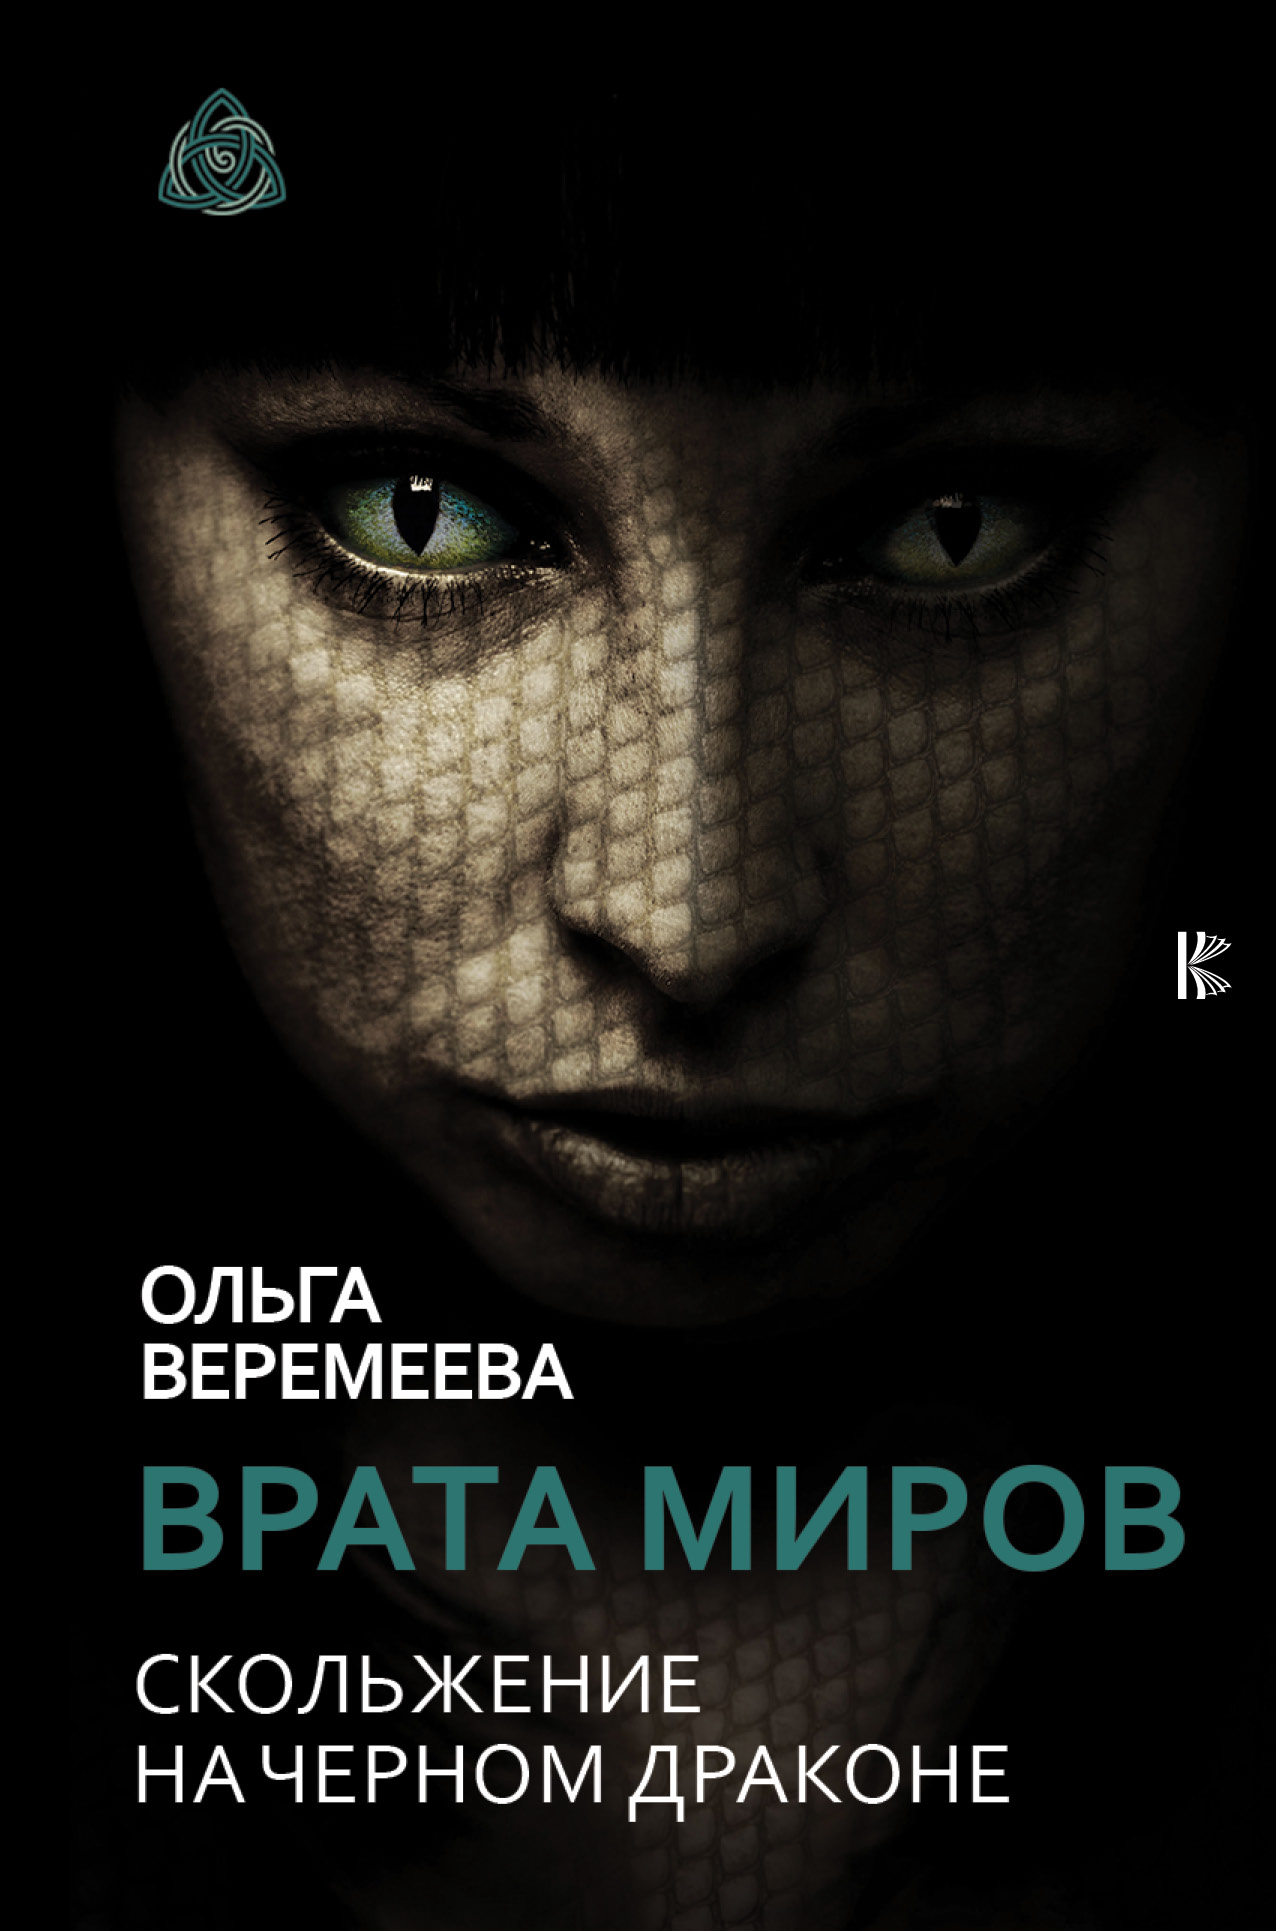 Ольга Веремеева Врата миров. Скольжение на Черном Драконе война за врата свободные миры